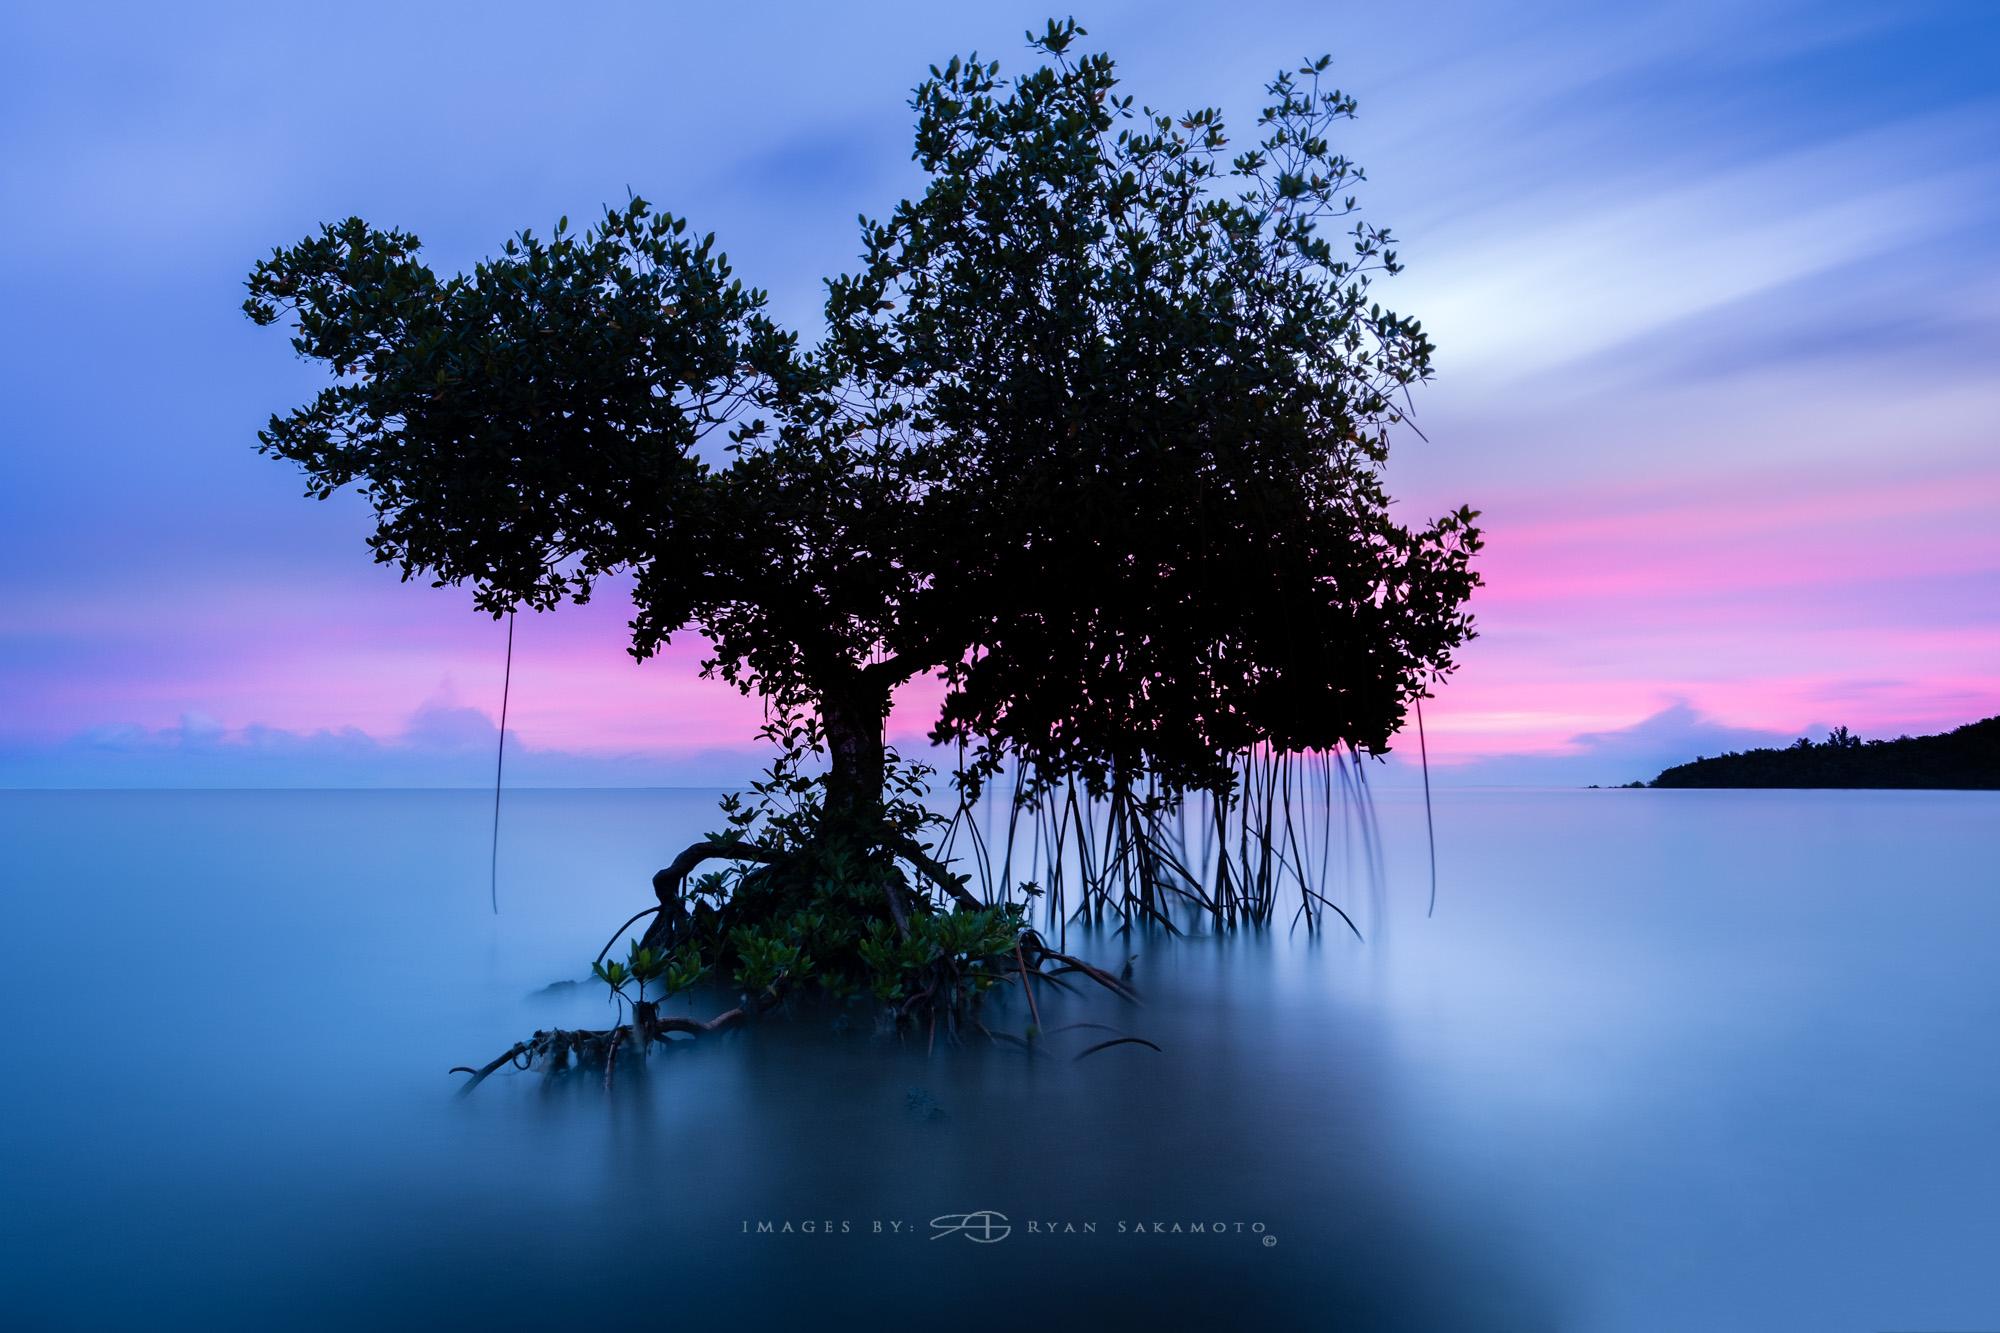 THE WAIAHOLE TREE...12.04.16